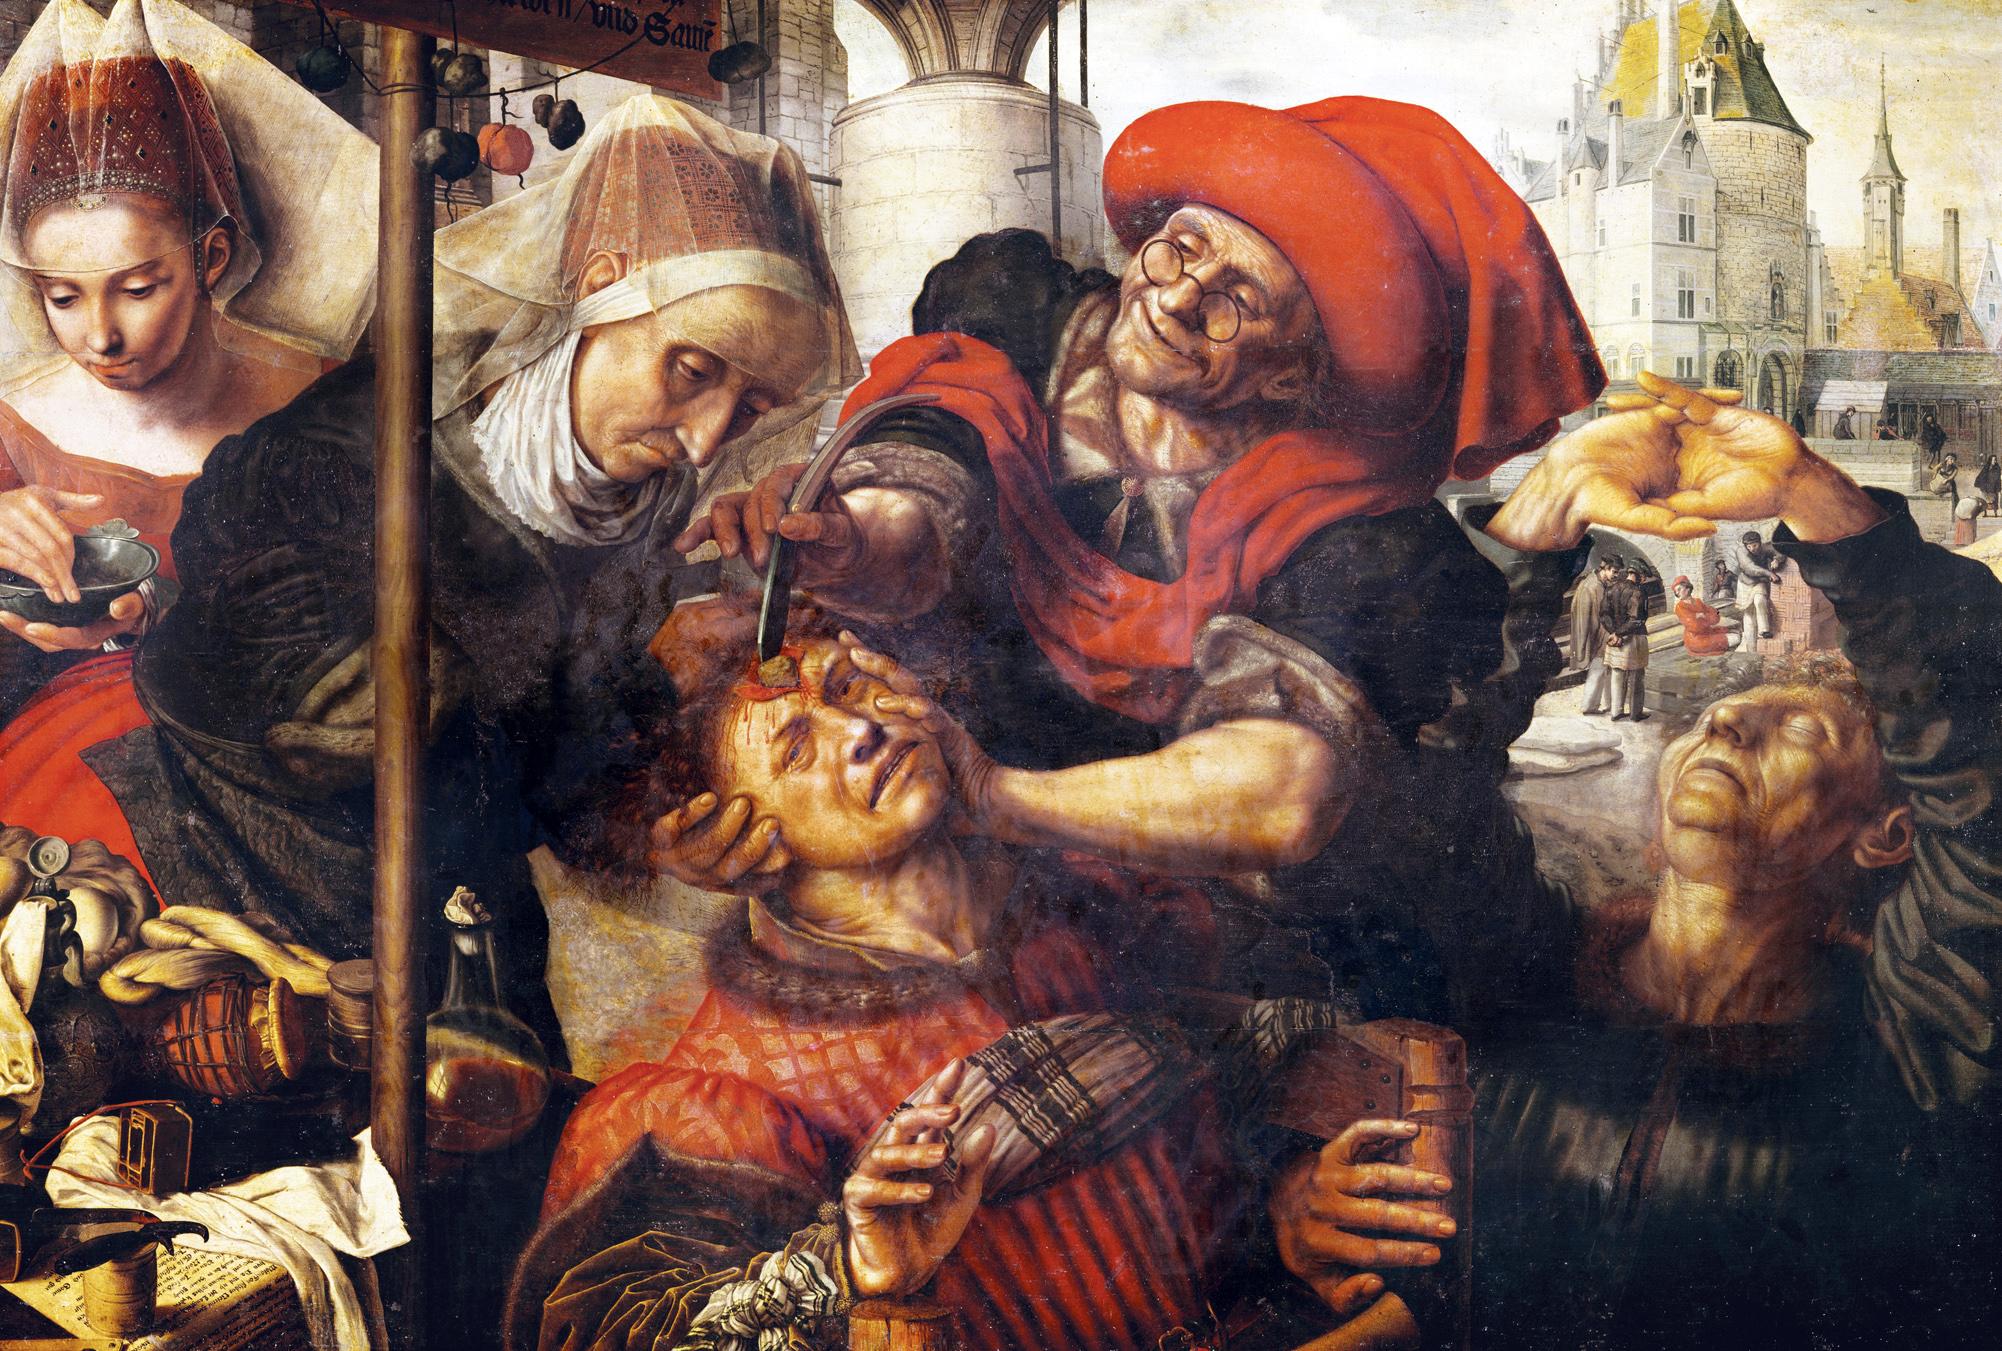 The Surgeon, or Cure of Folly, by Jan Sanders van Hemessen, c. 1555. Prado Museum, Madrid, Spain.